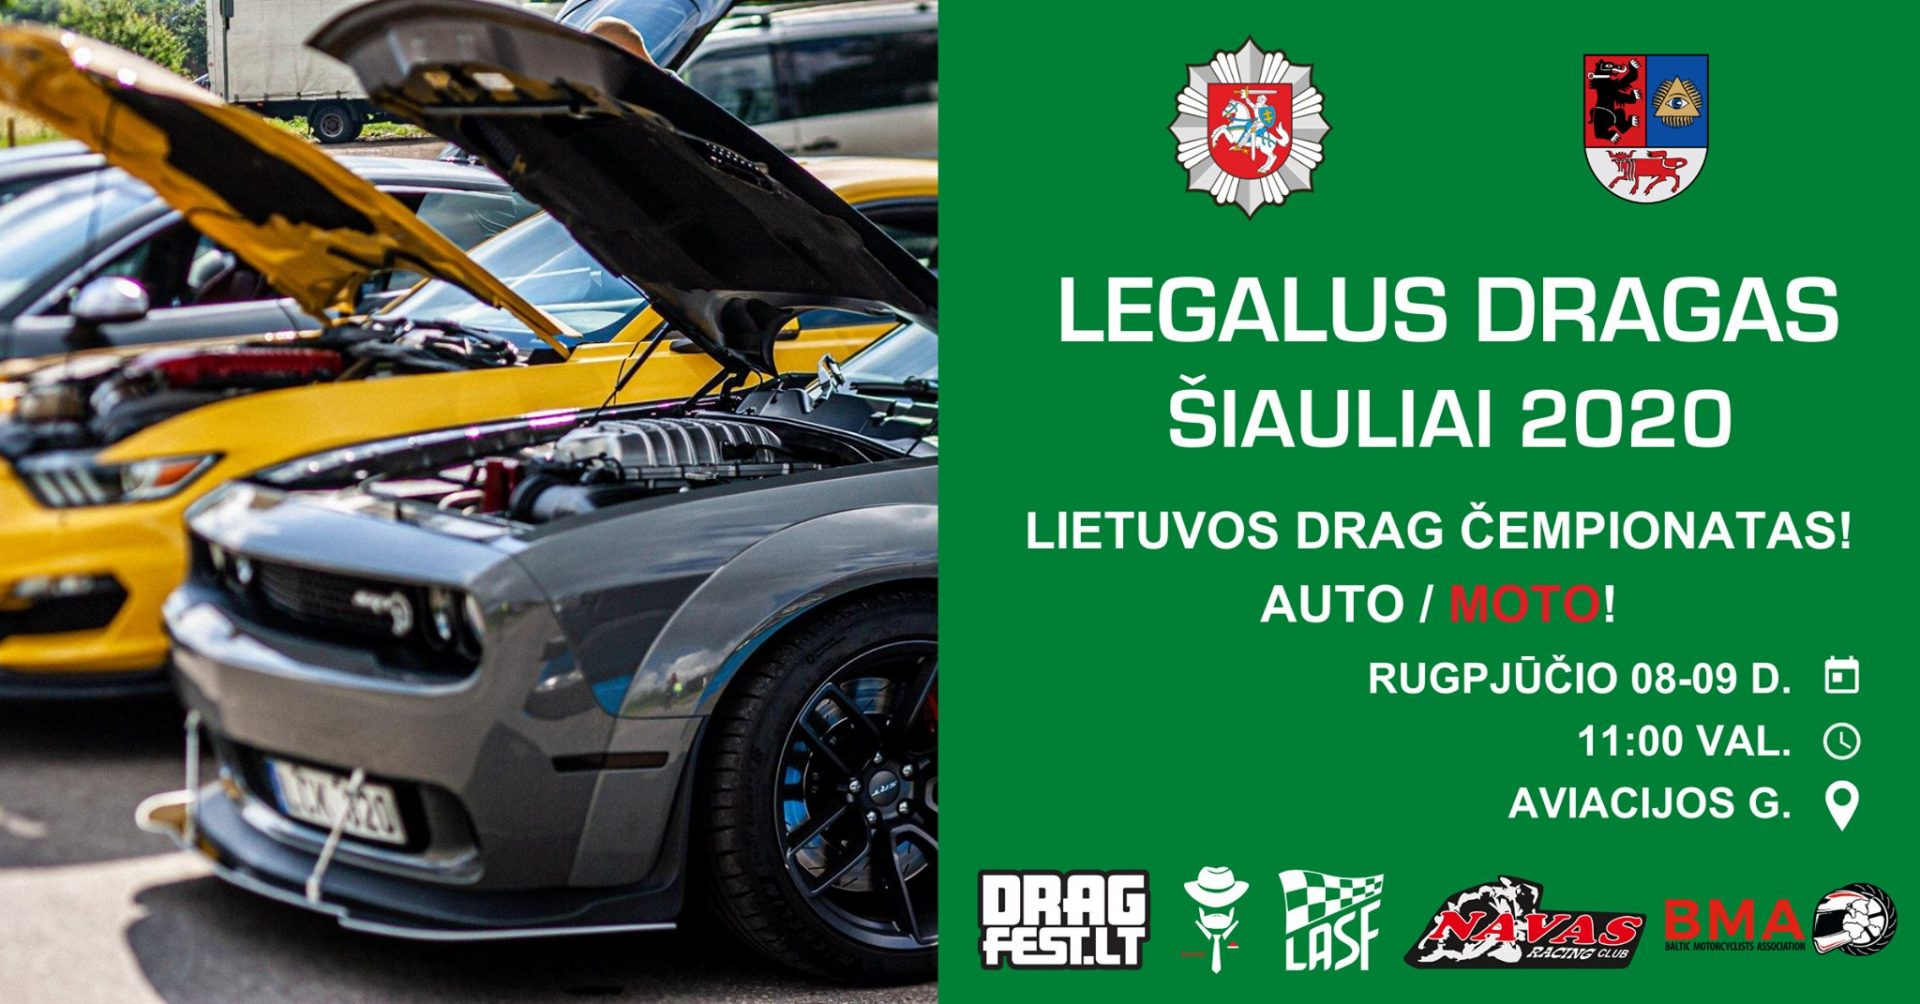 Legalus Dragas: Šiauliai 2020 (Lietuvos Drag Čempionatas!)